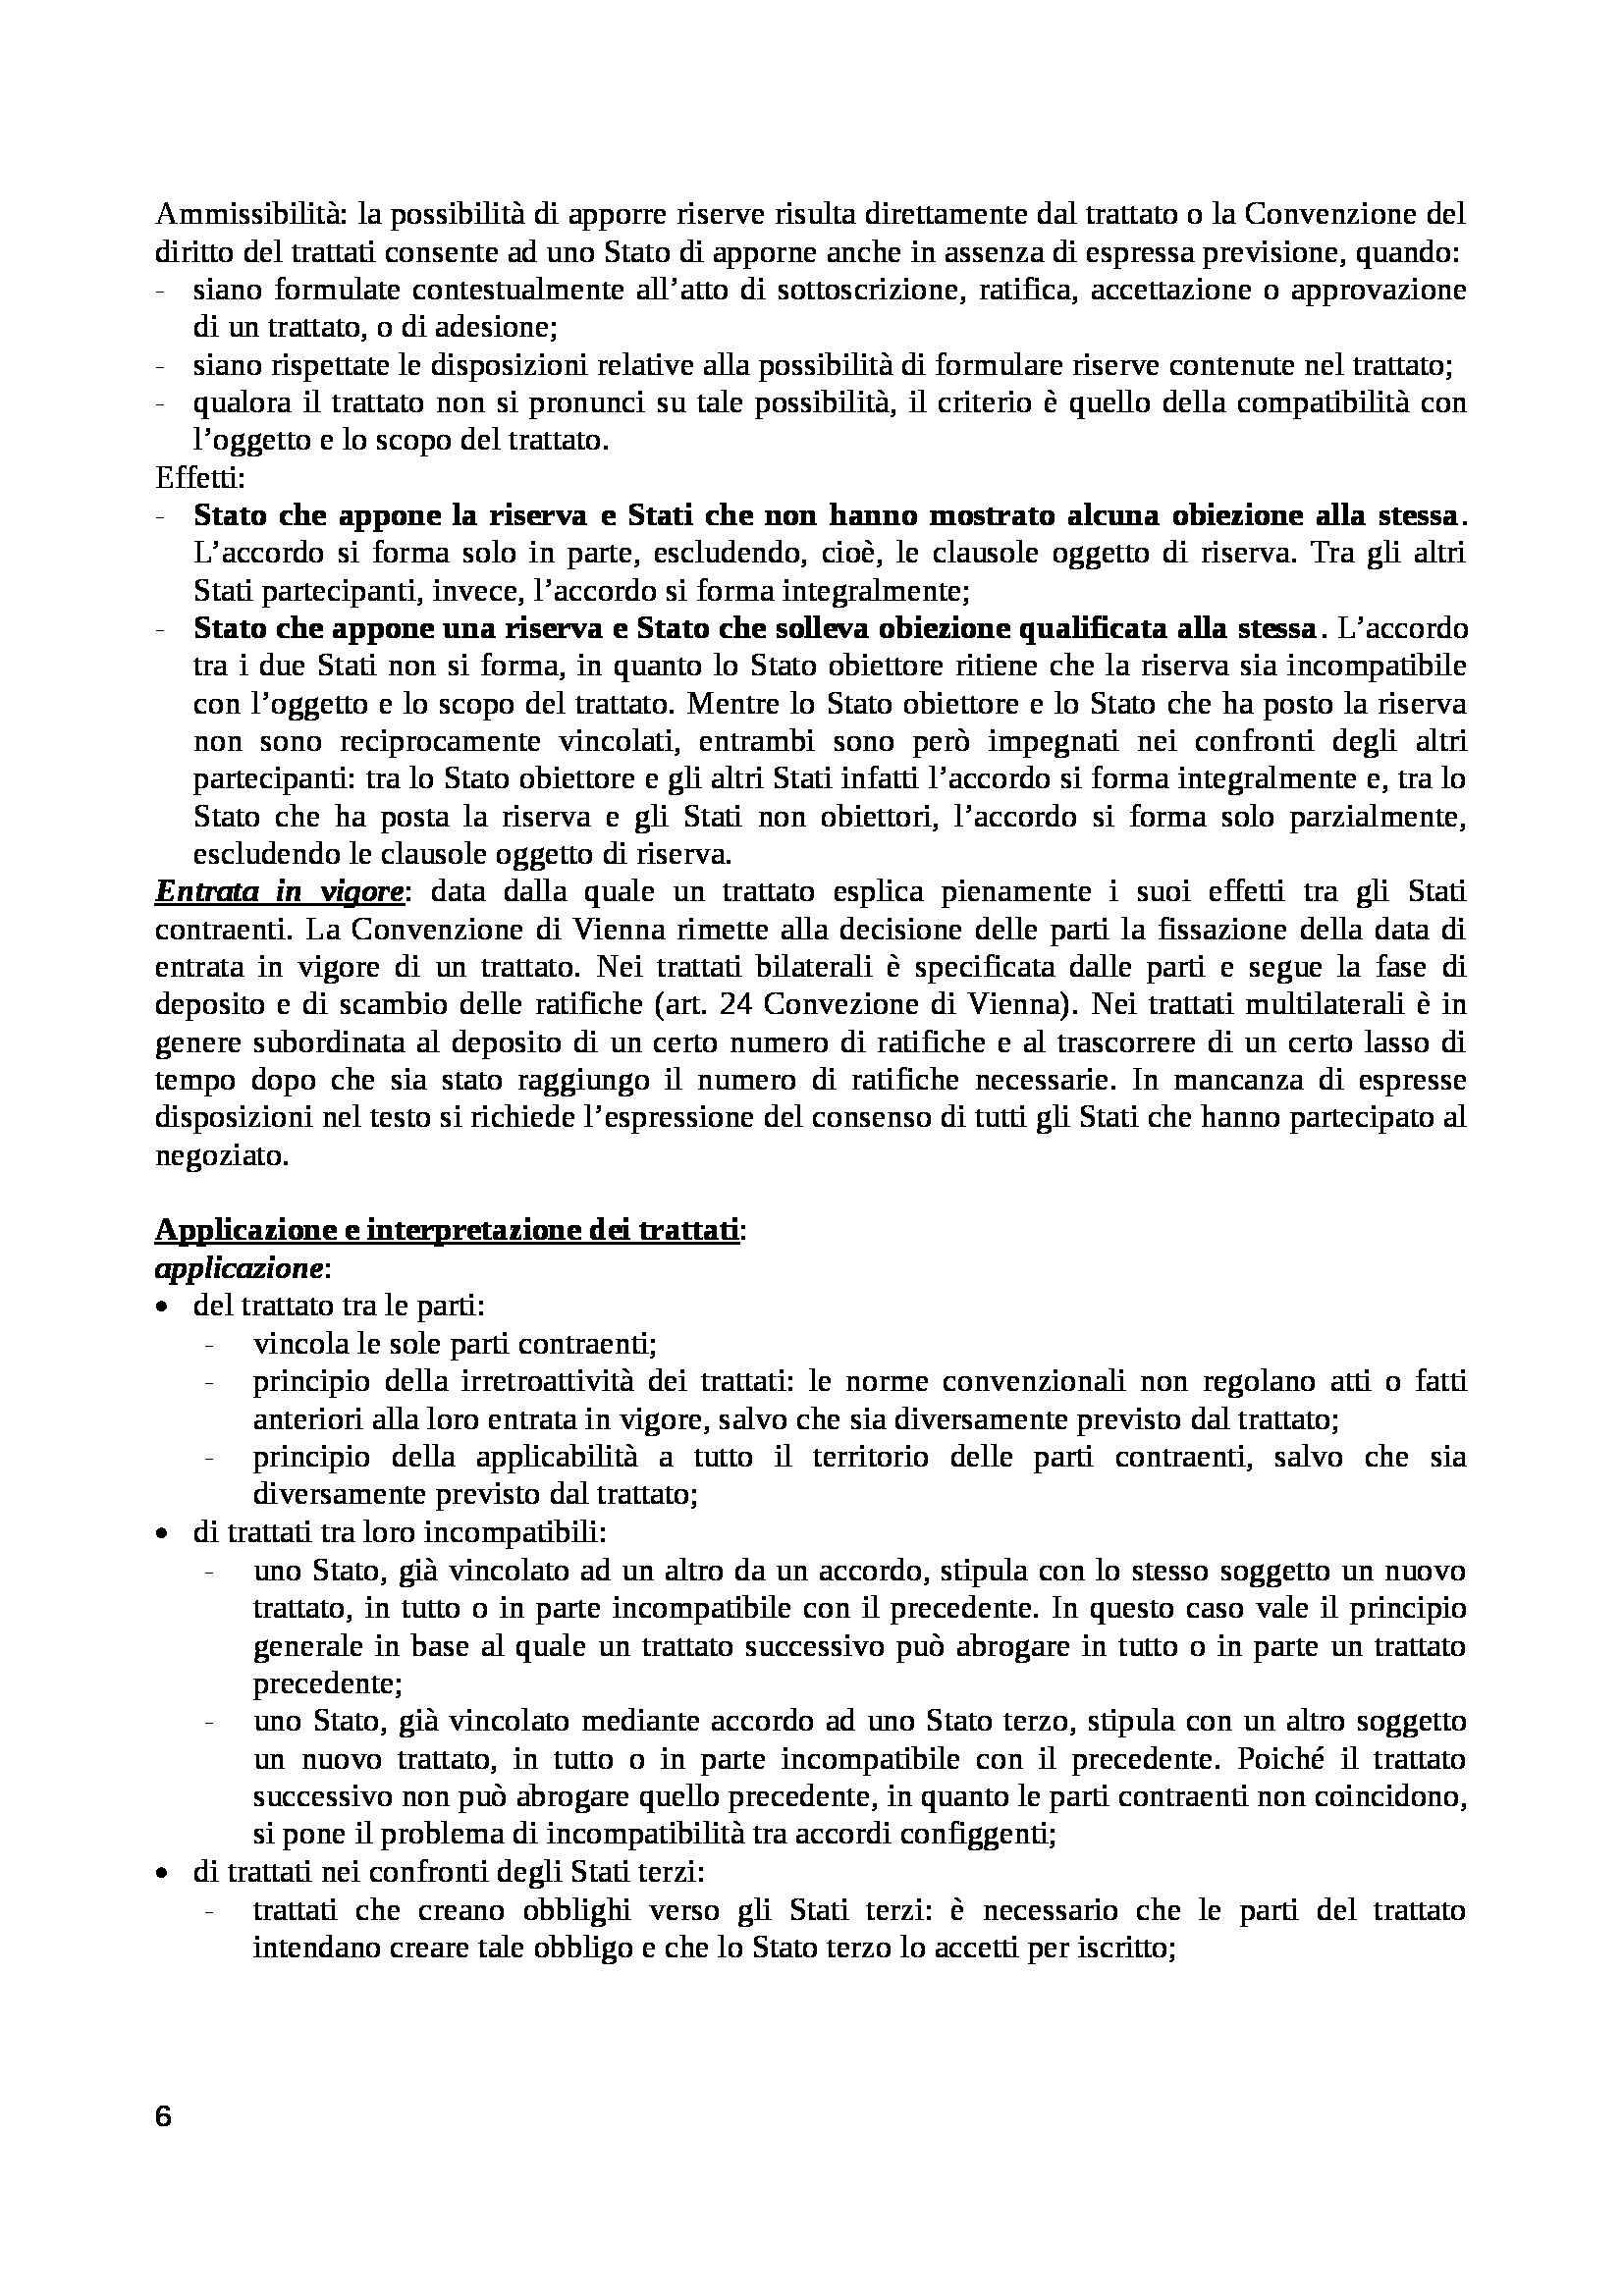 Diritto internazionale - Appunti Pag. 6